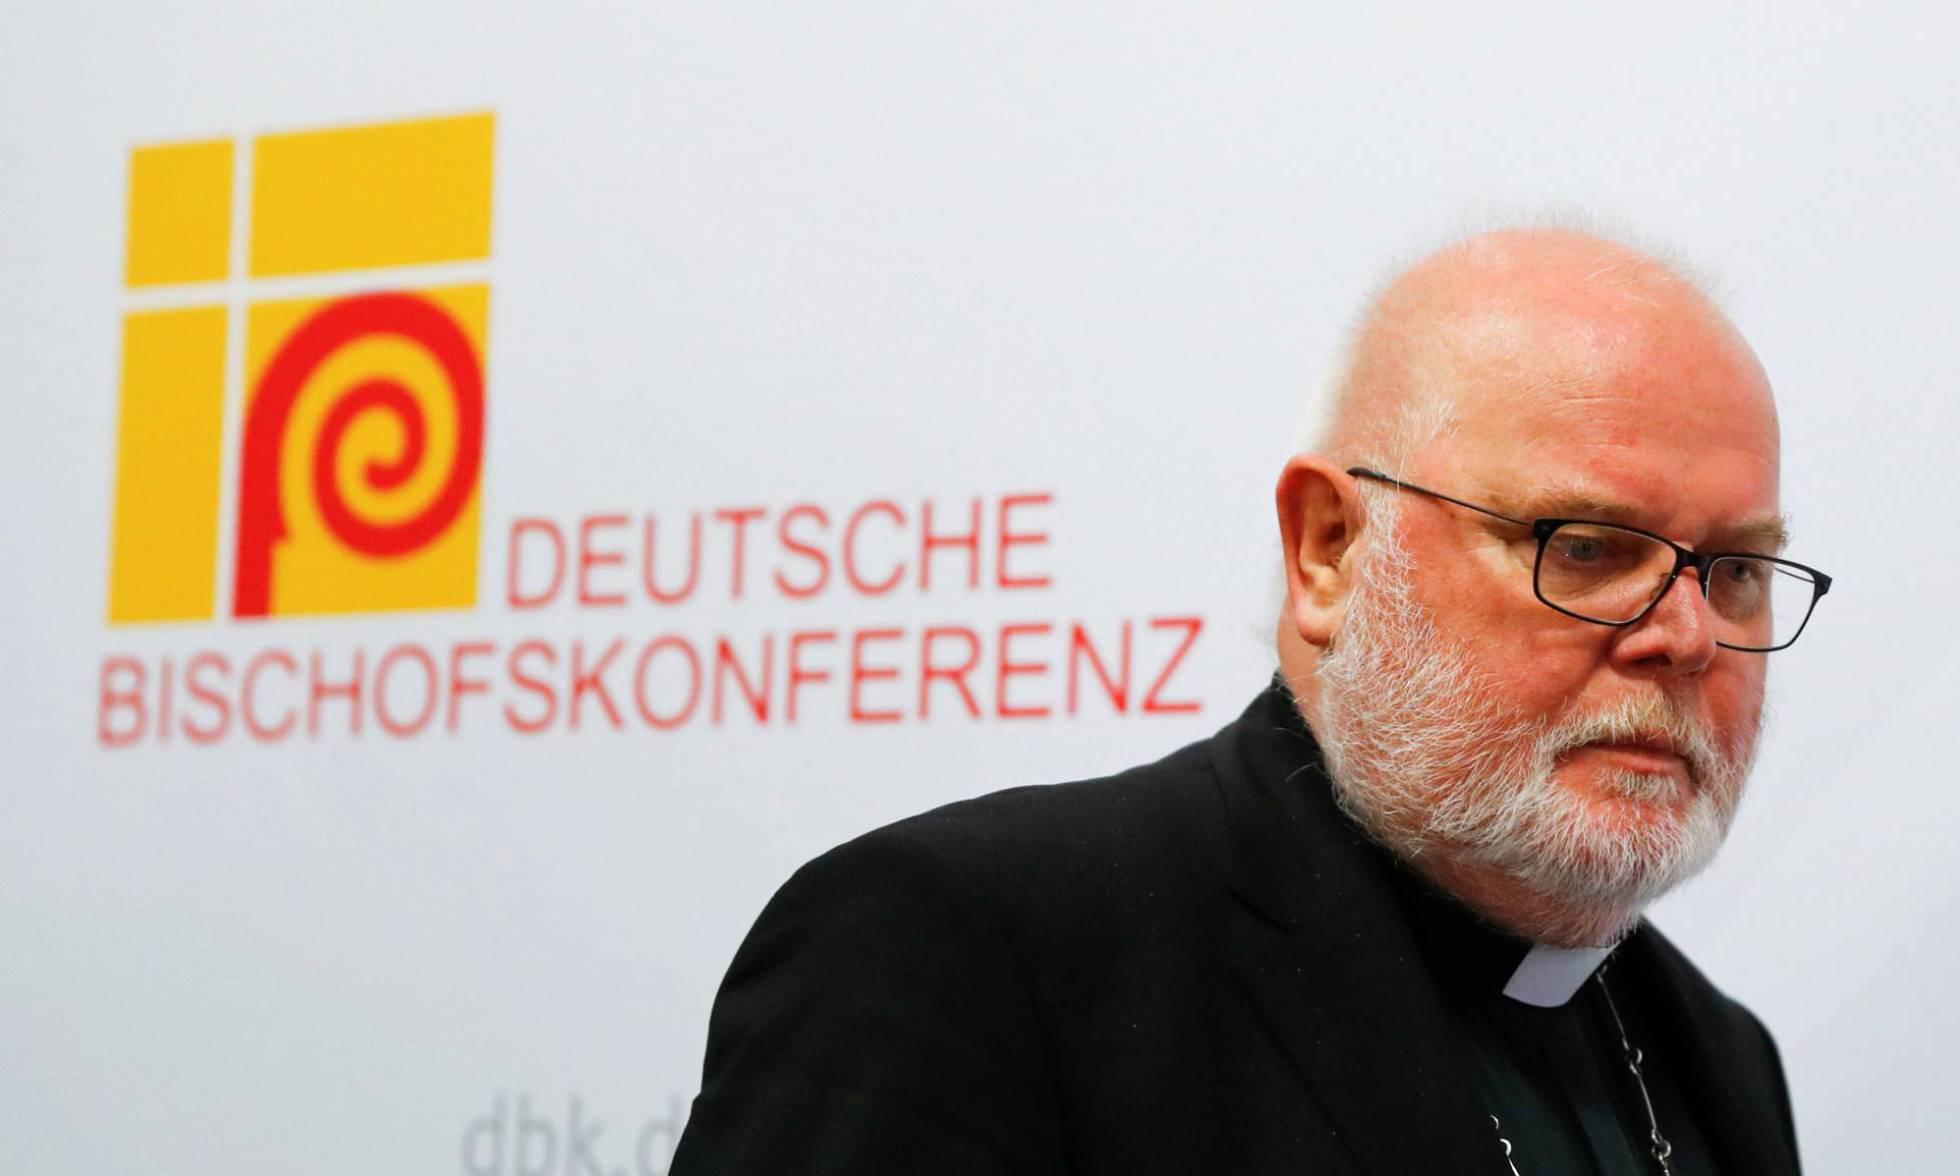 Reinhard Marx, cardenal arzobispo de Munich y presidente de la conferencia episcopal alemana